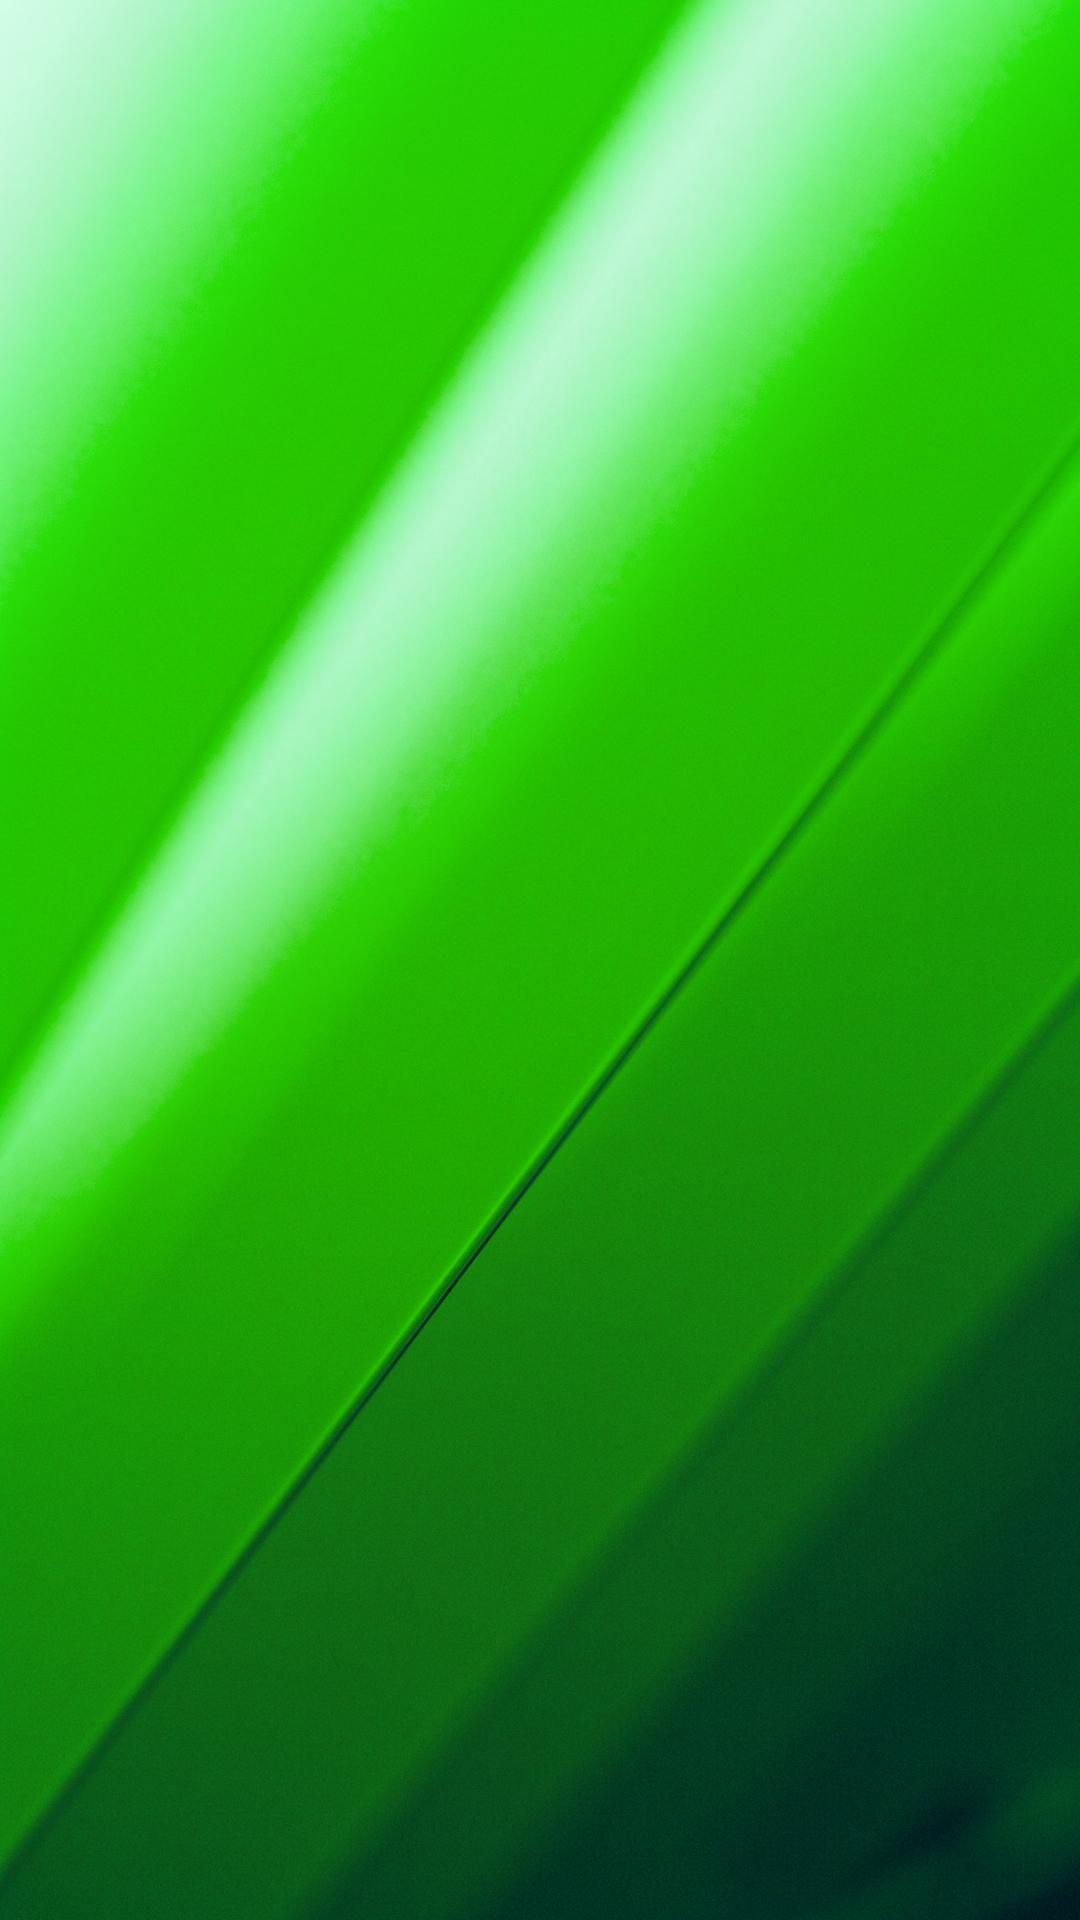 緑の壁紙アンドロイド アンドロイド用のシンプルな壁紙 1080x19 Wallpapertip